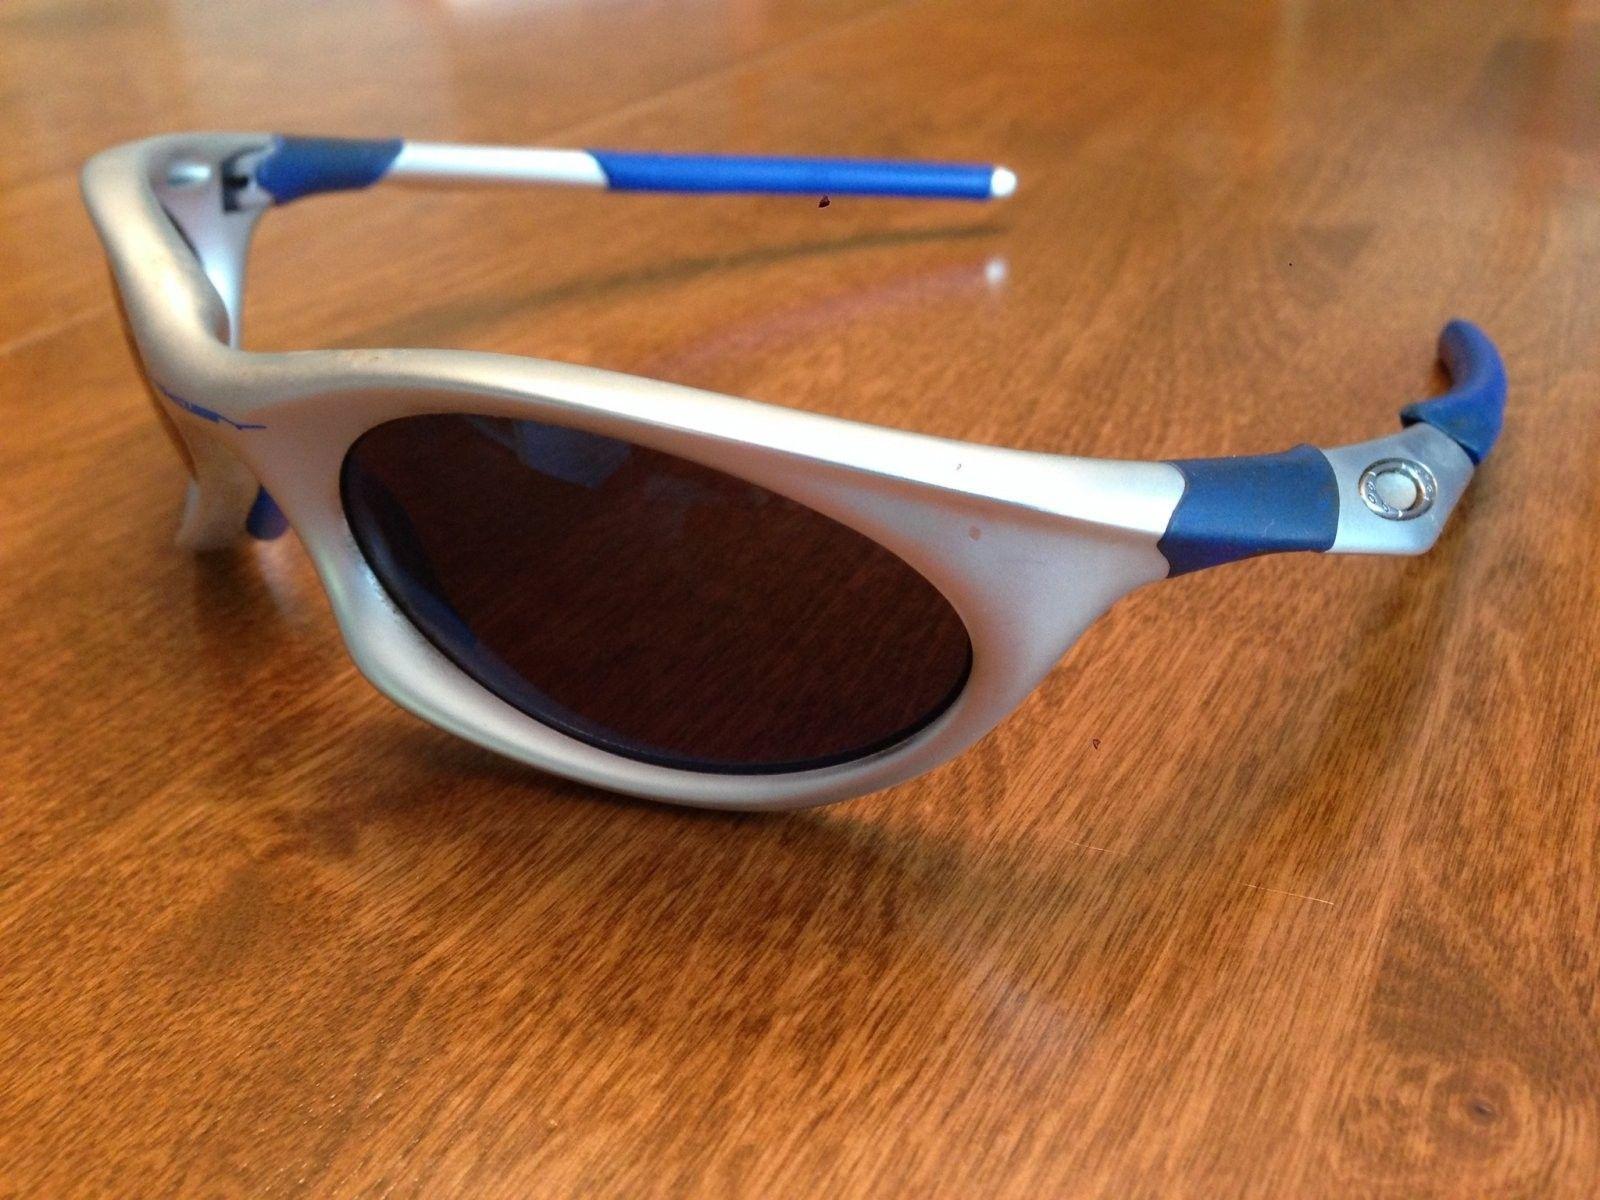 Need Help Identifying Oakley Model - Sunglasses.jpg